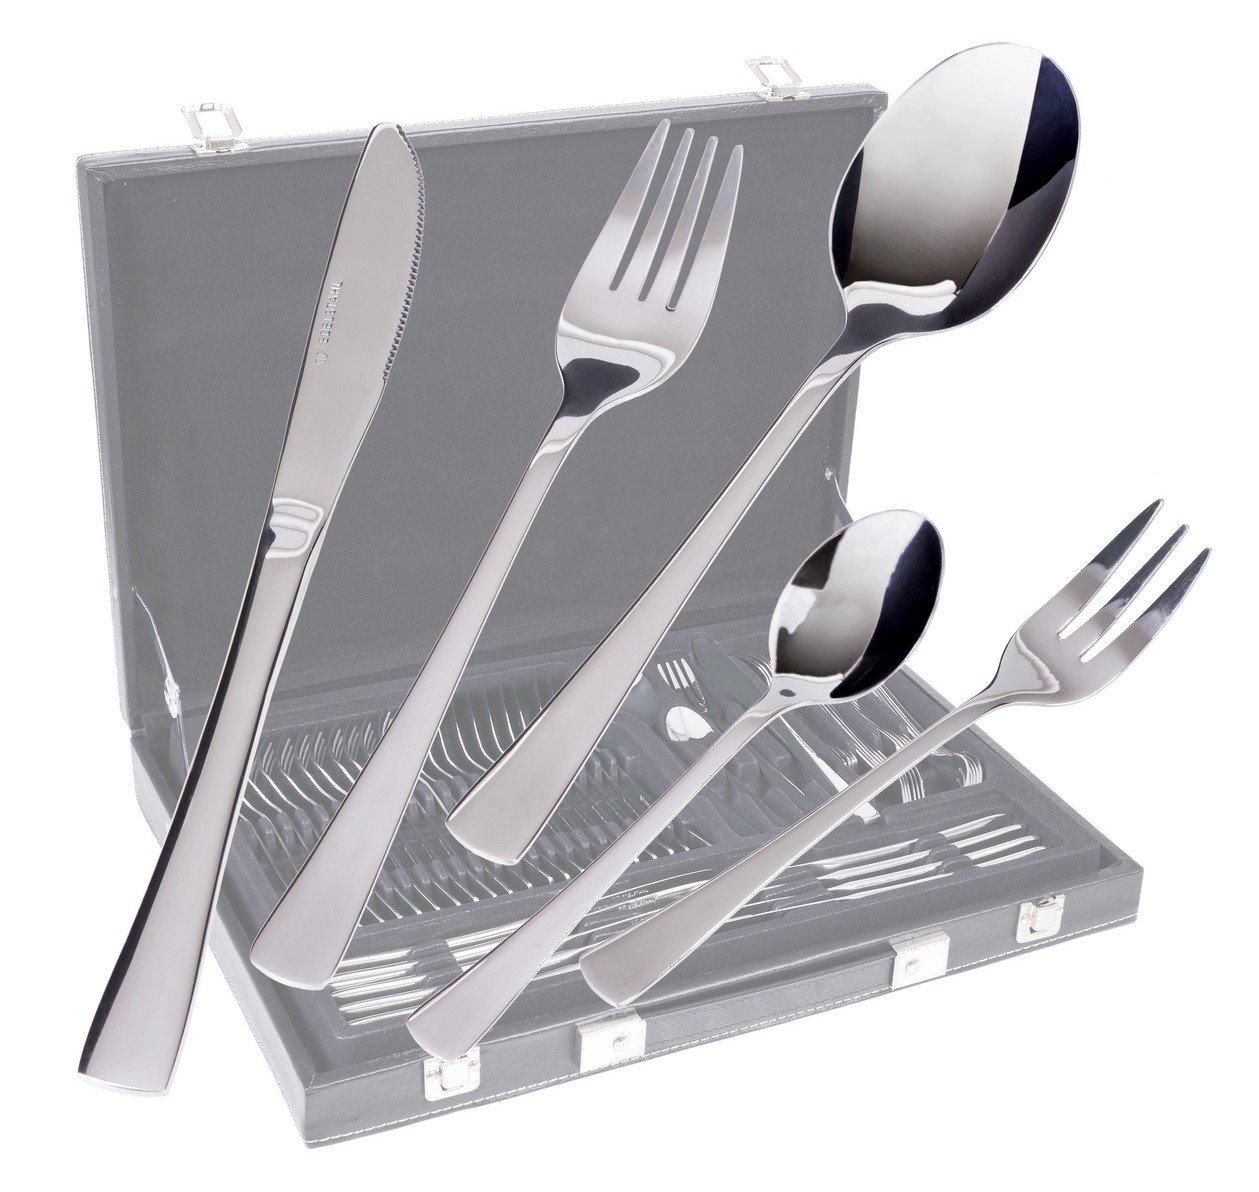 GRÄWE Gräwe - Cubertería de 60 piezas 12 personas acero inoxidable incluye tenedores de postre: Amazon.es: Hogar